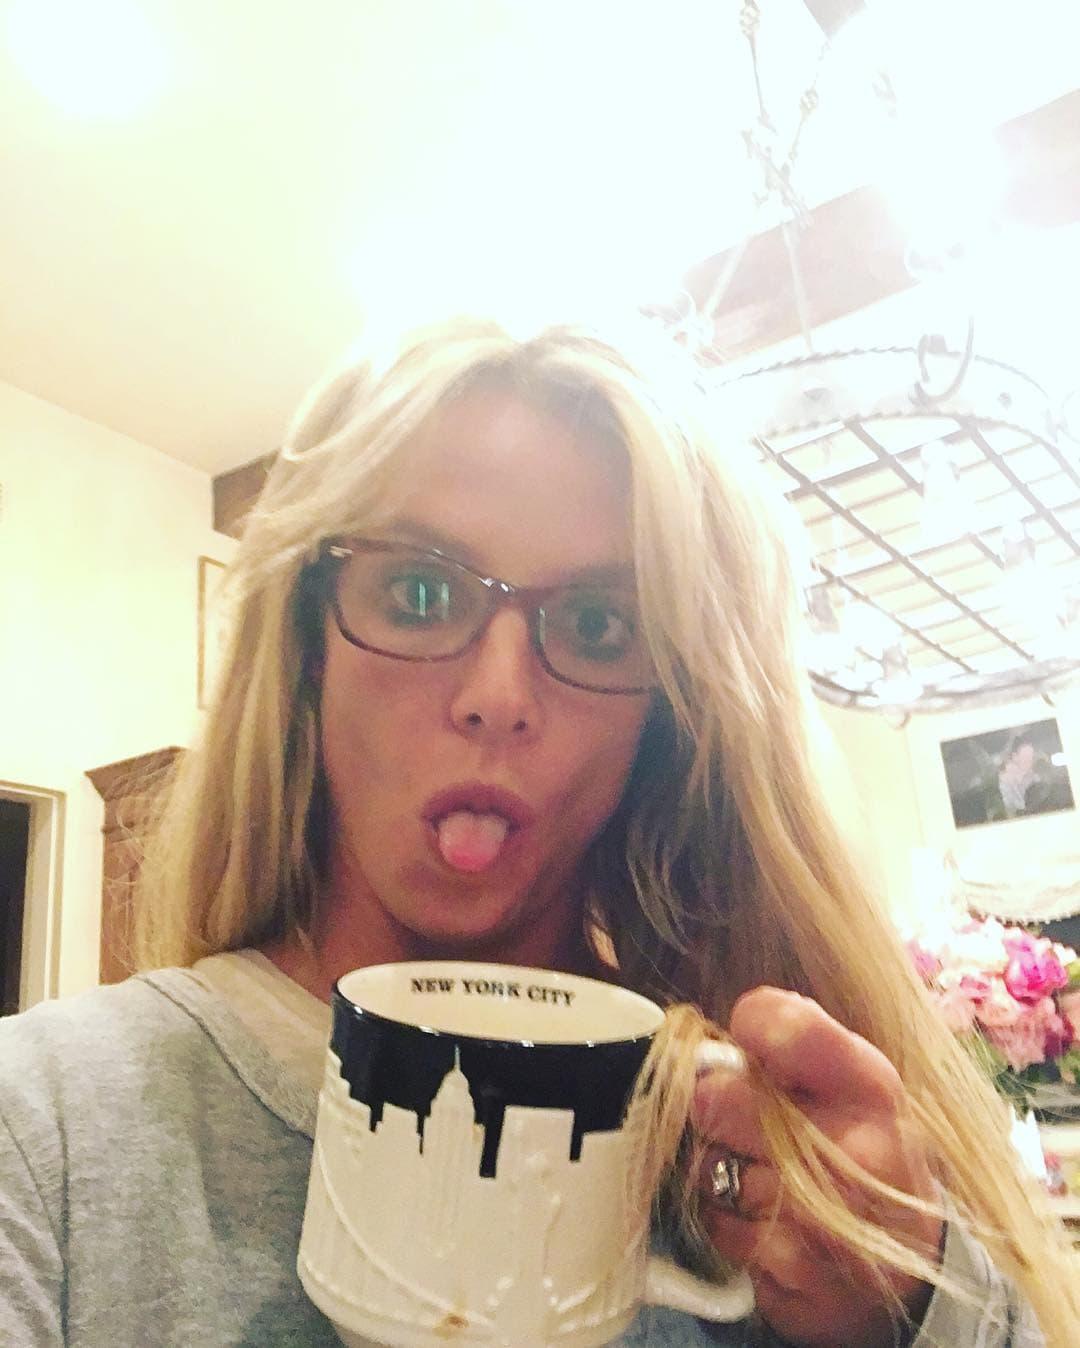 Britney vrlo često postavlja opuštene selfije bez šminke (foto: Instagram.com/britneyspears)